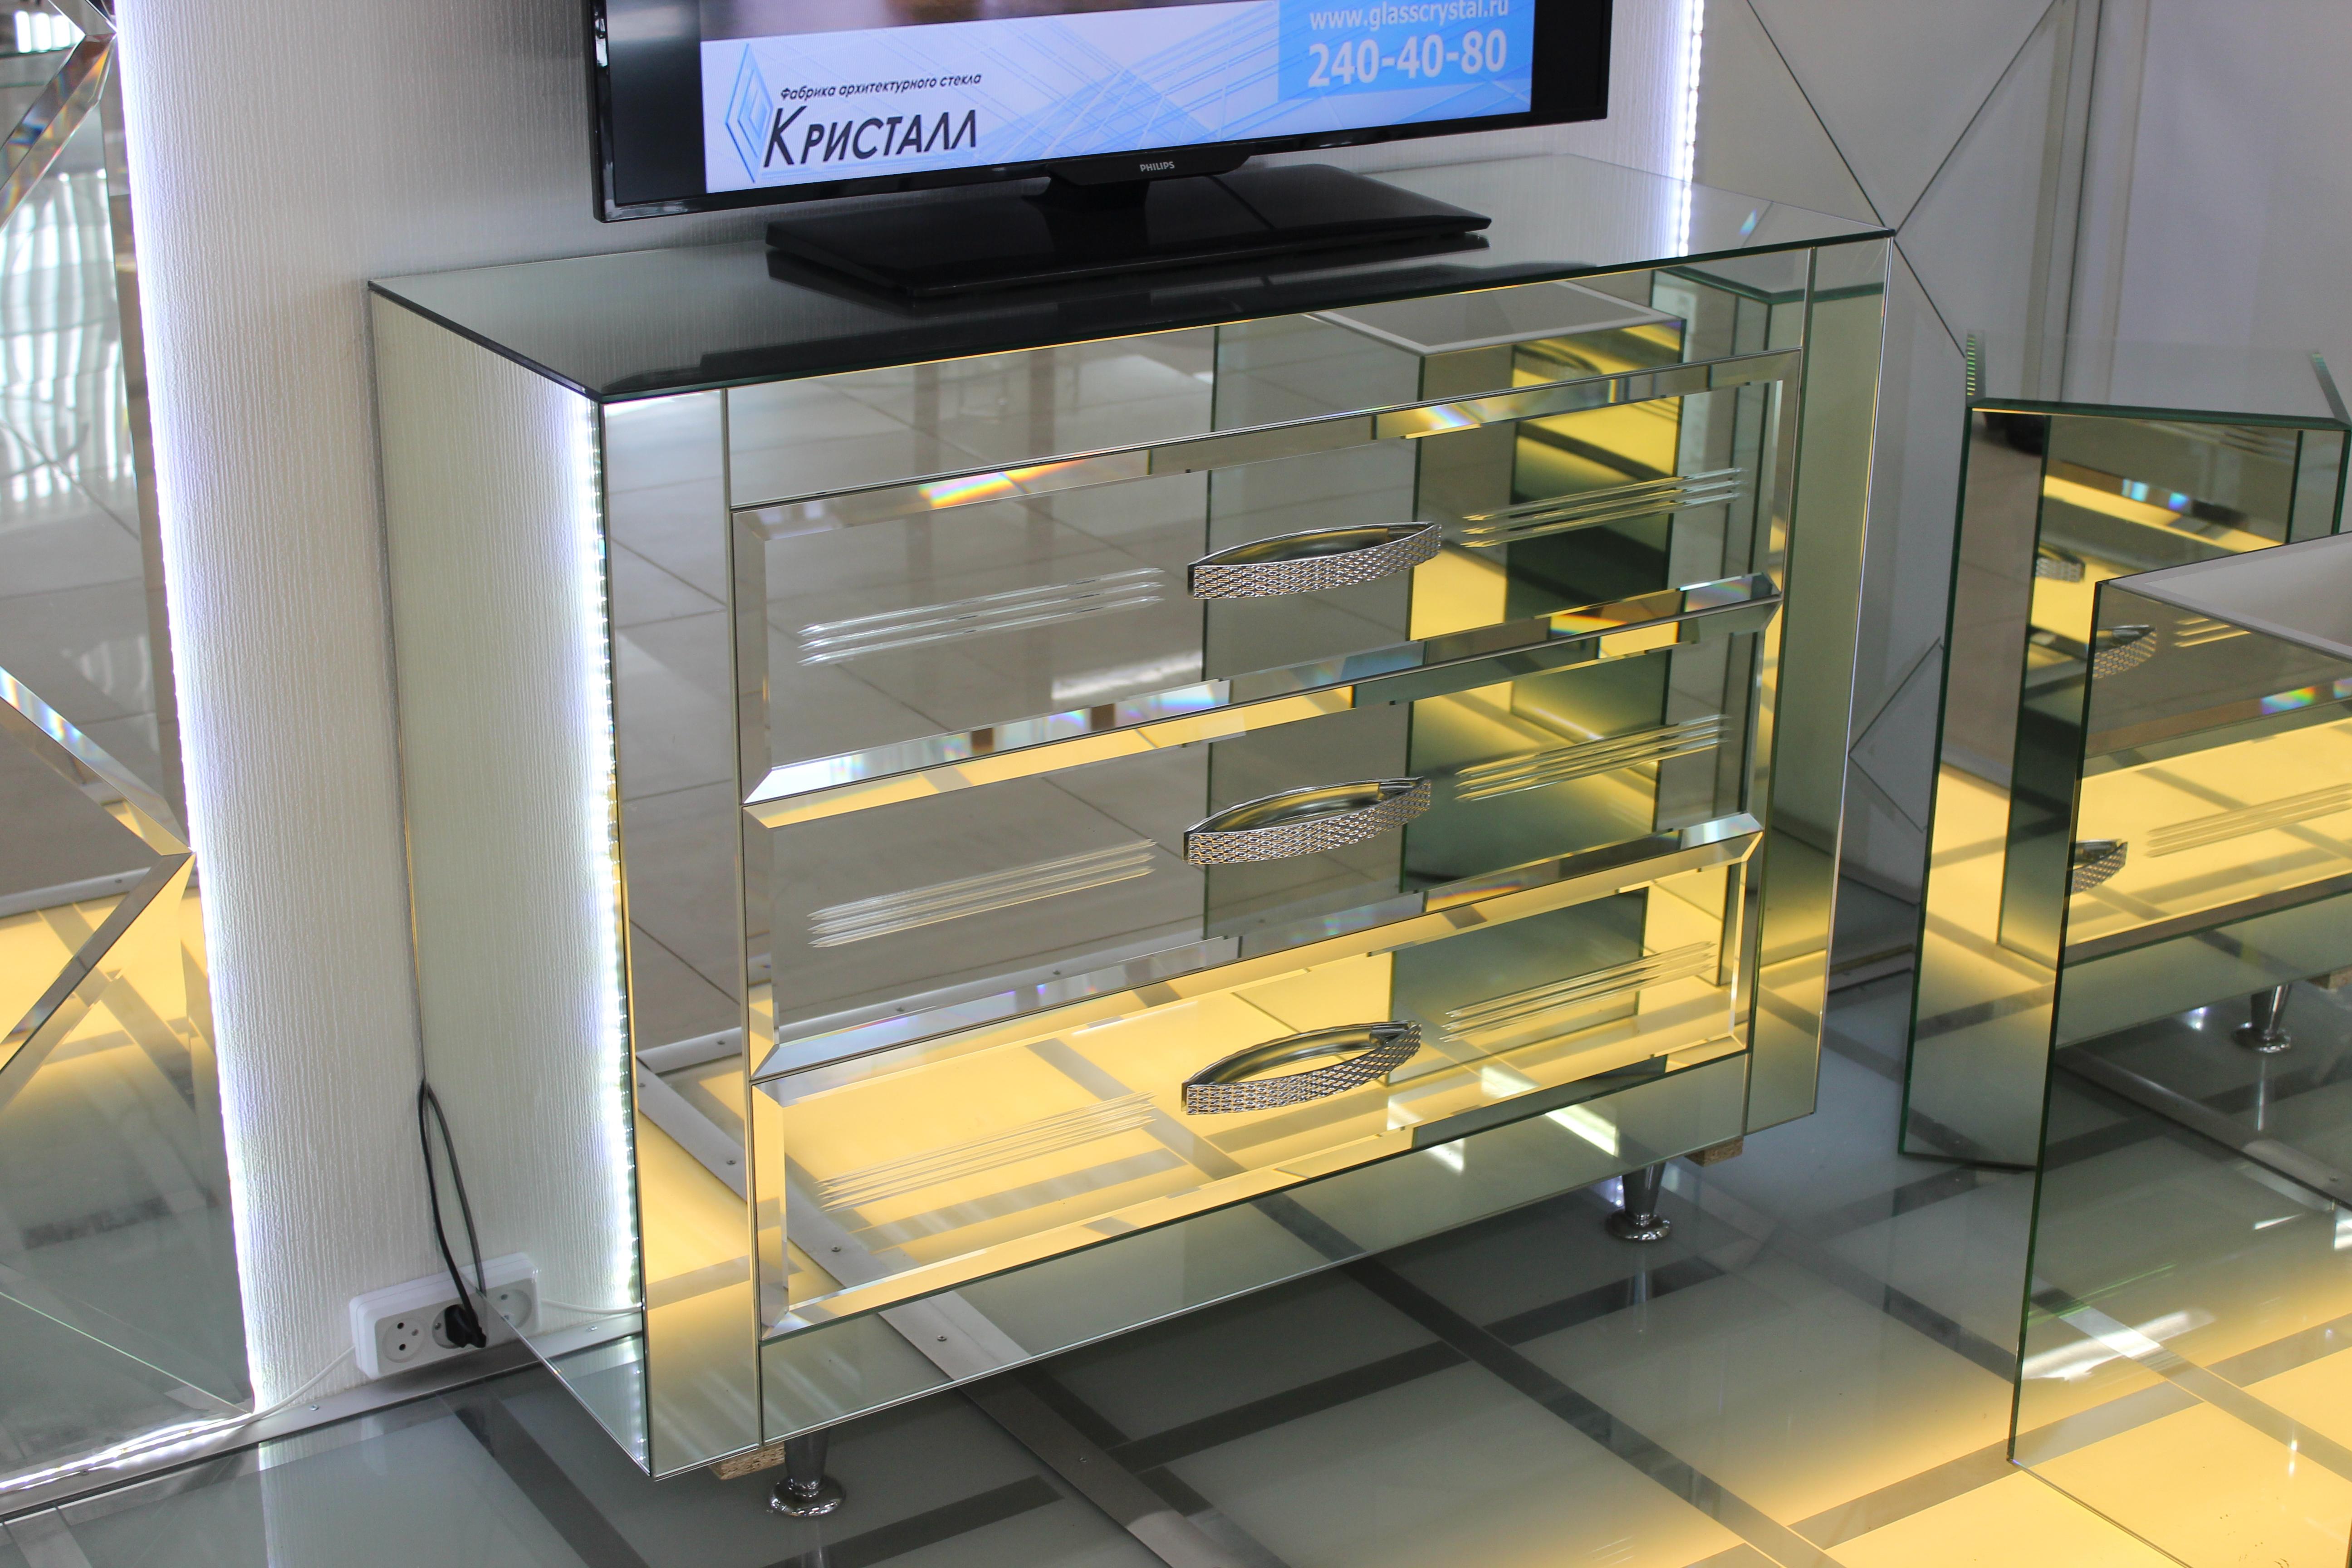 Комод, облицованный зеркалами